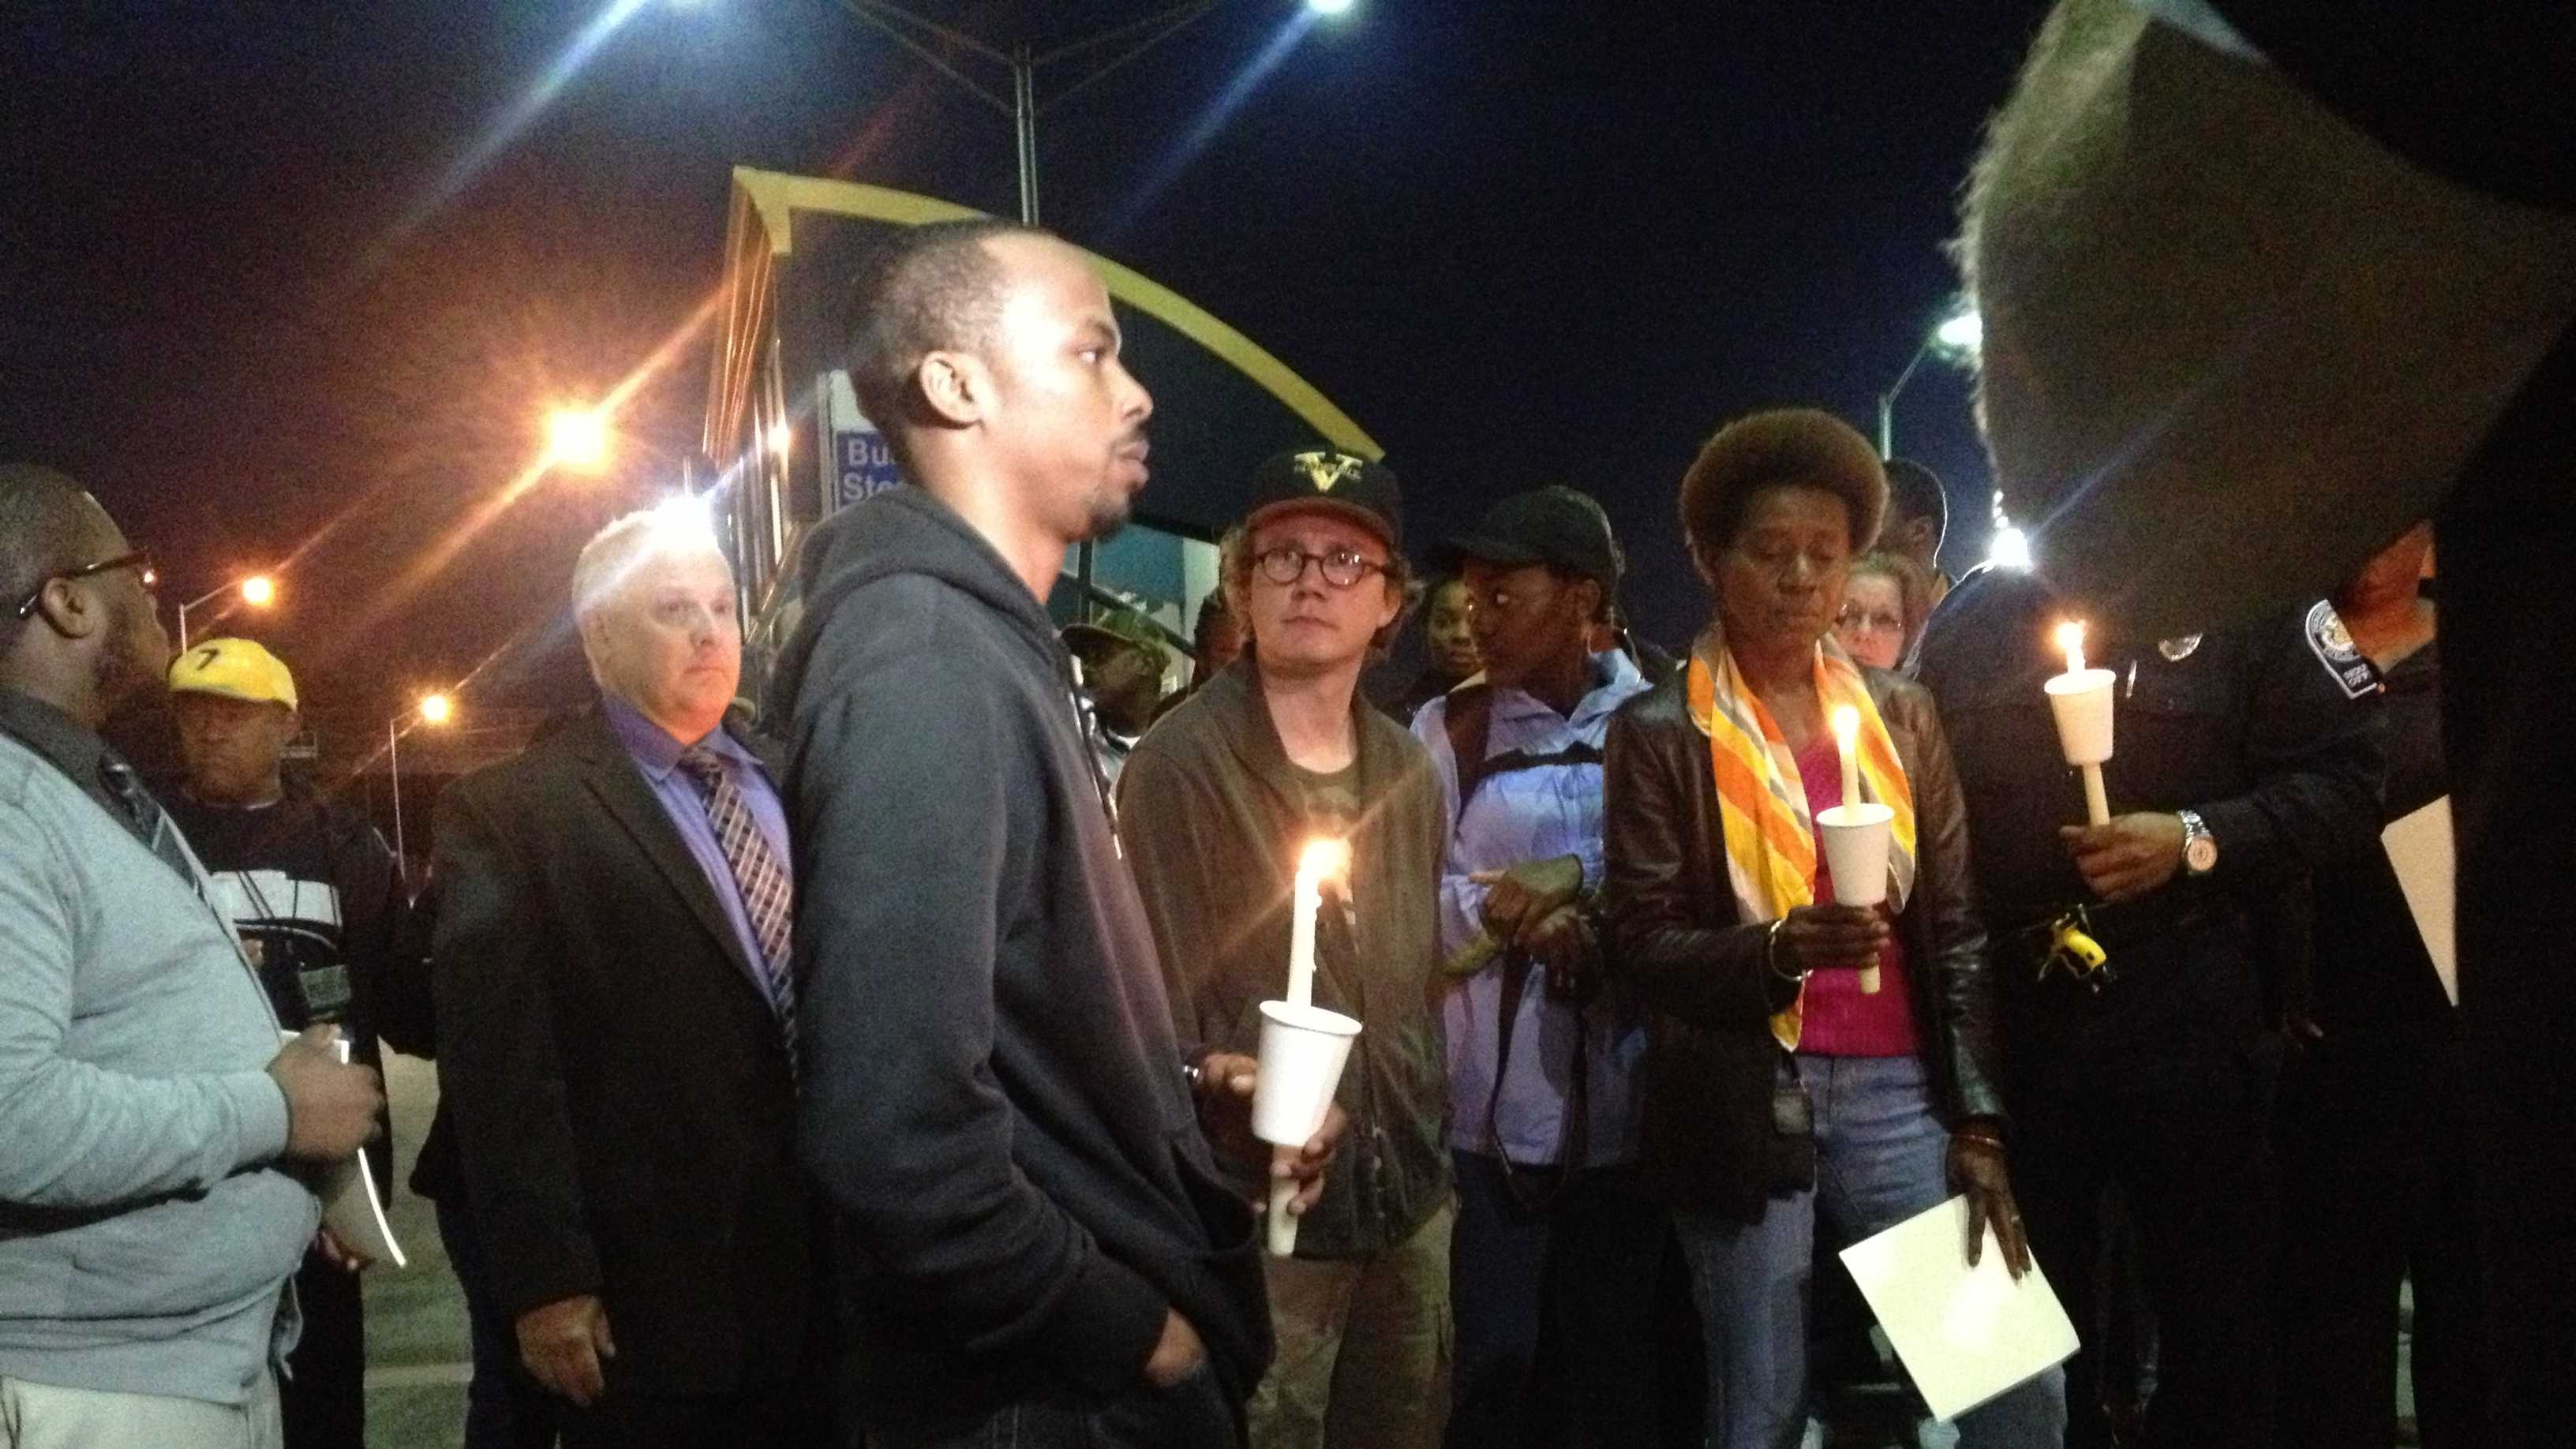 Omar Islam vigil